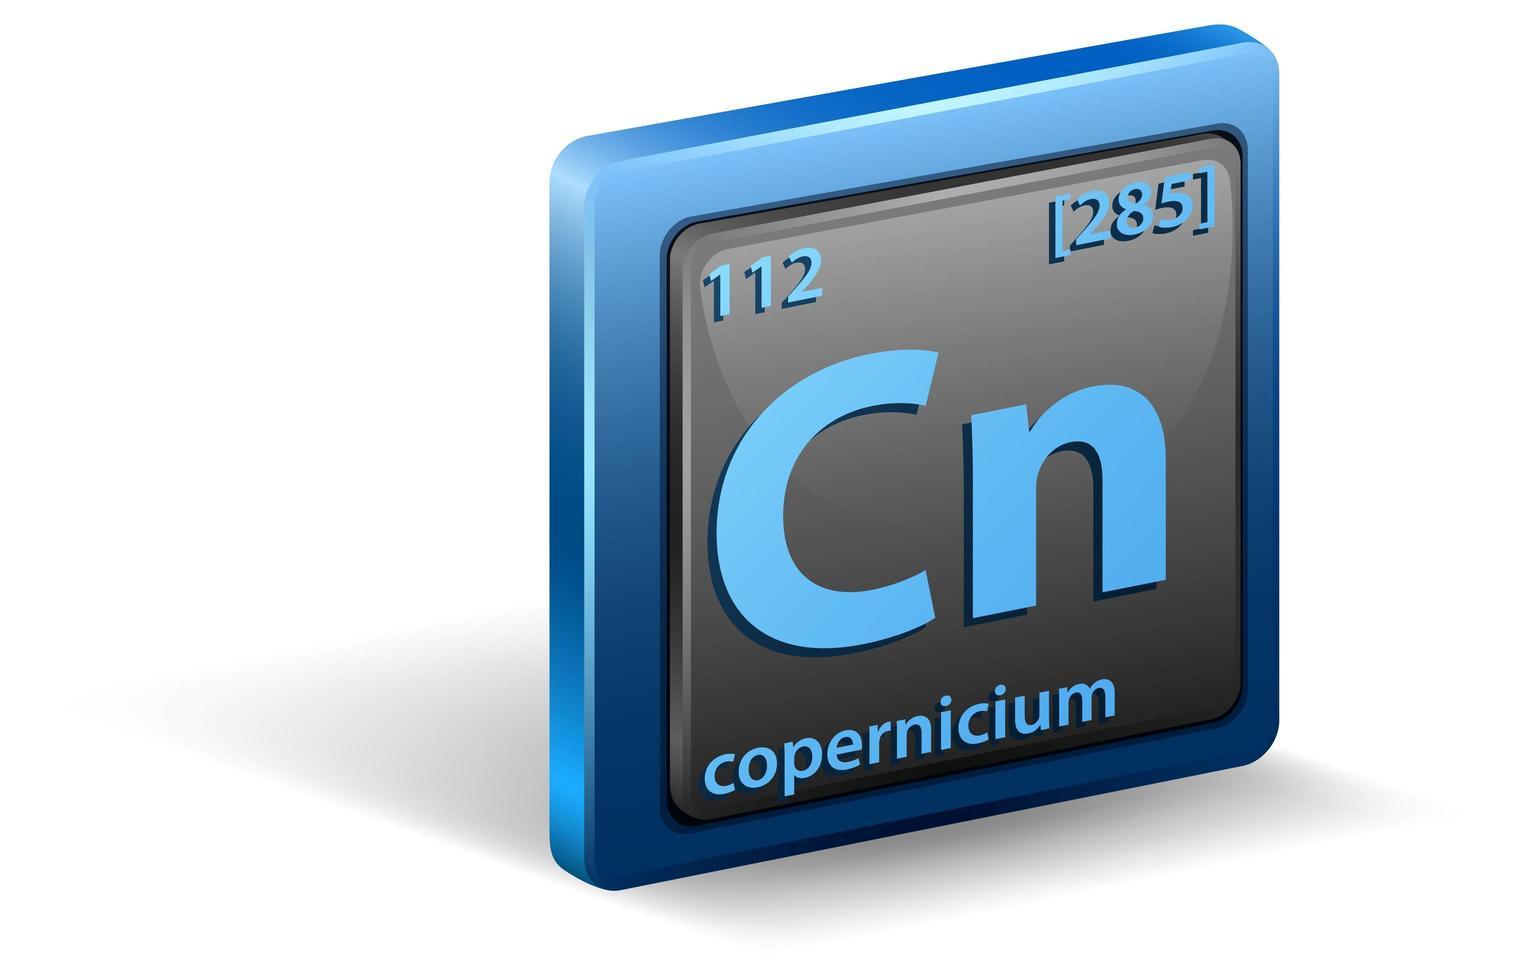 elemento chimico del copernicio. simbolo chimico con numero atomico e massa atomica. vettore